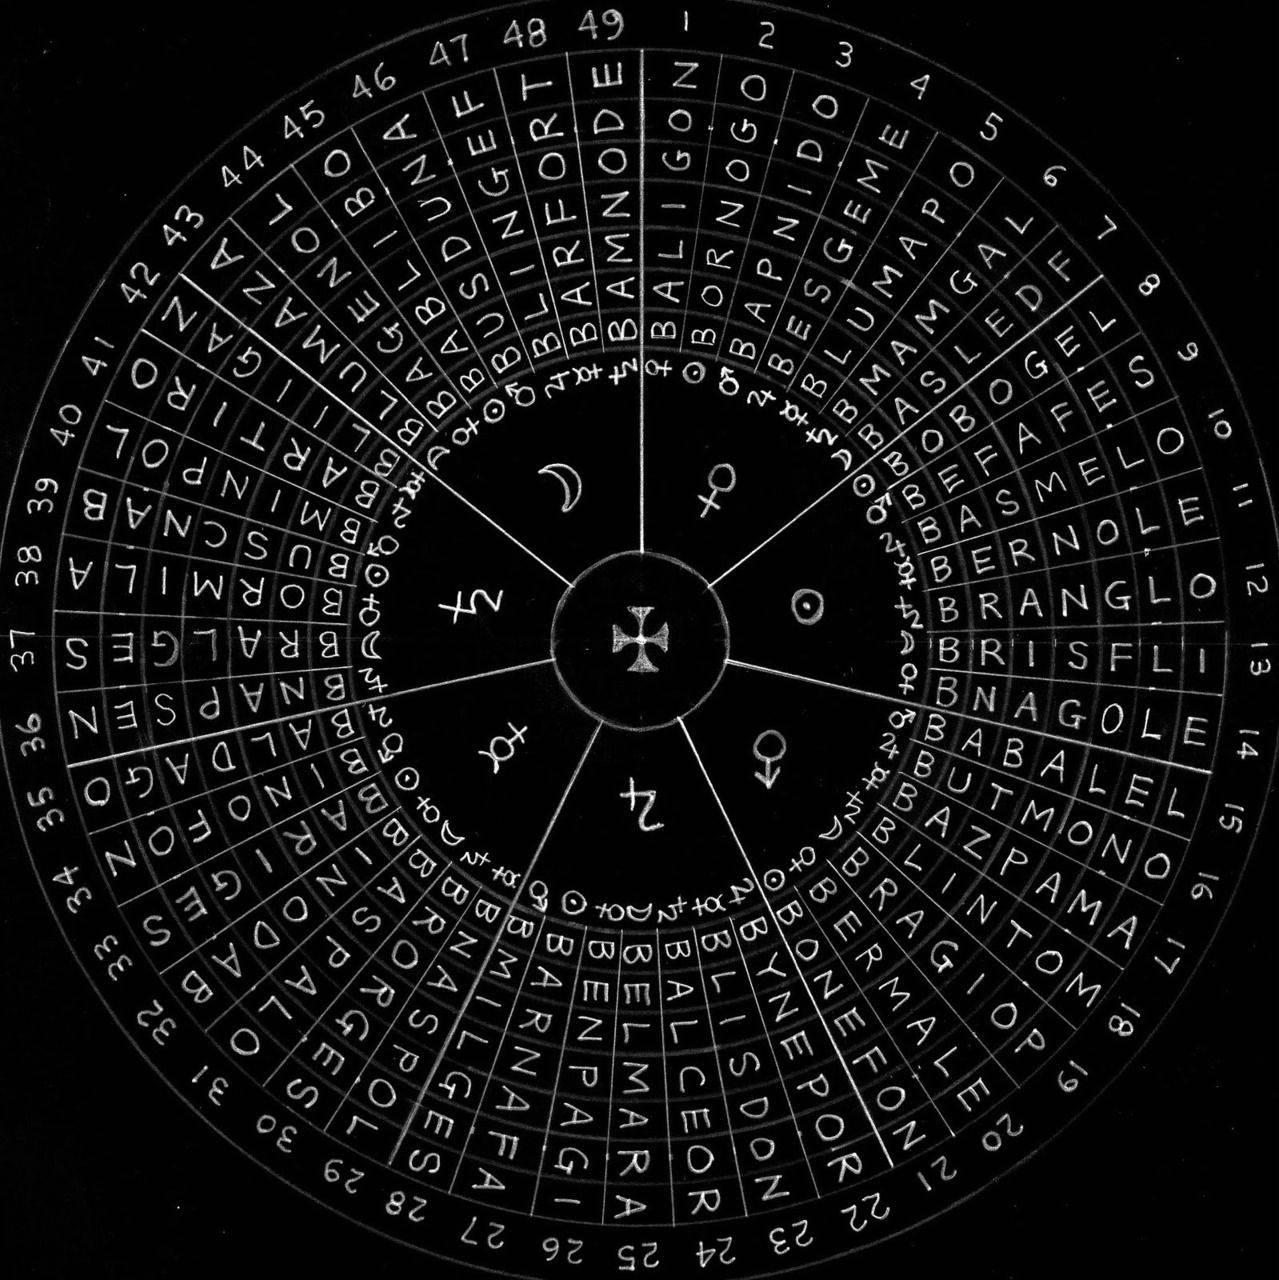 Енохианская магия — тайны религиозного оккультизма (5 фото) — нло мир интернет — журнал об нло